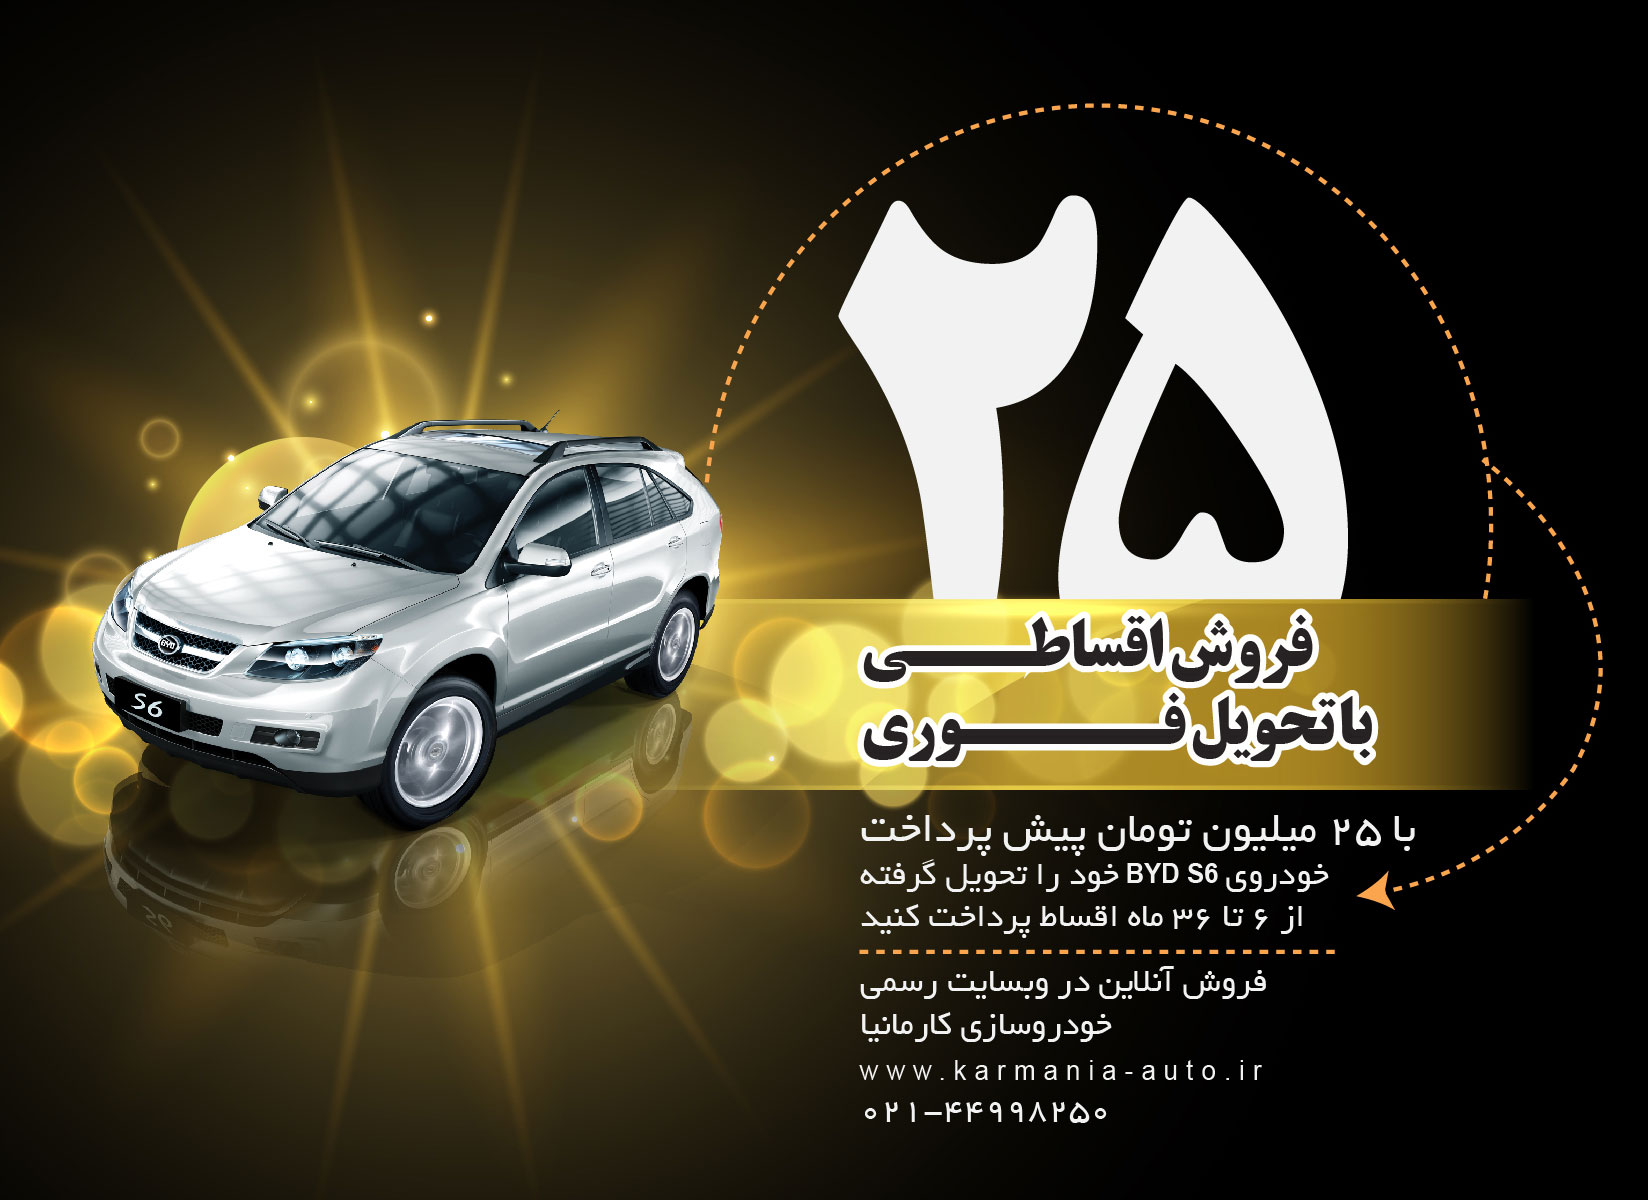 فروش اقساطی بی وای دی S6 - کارمانیا - بهمن 96 (تحویل فوری)